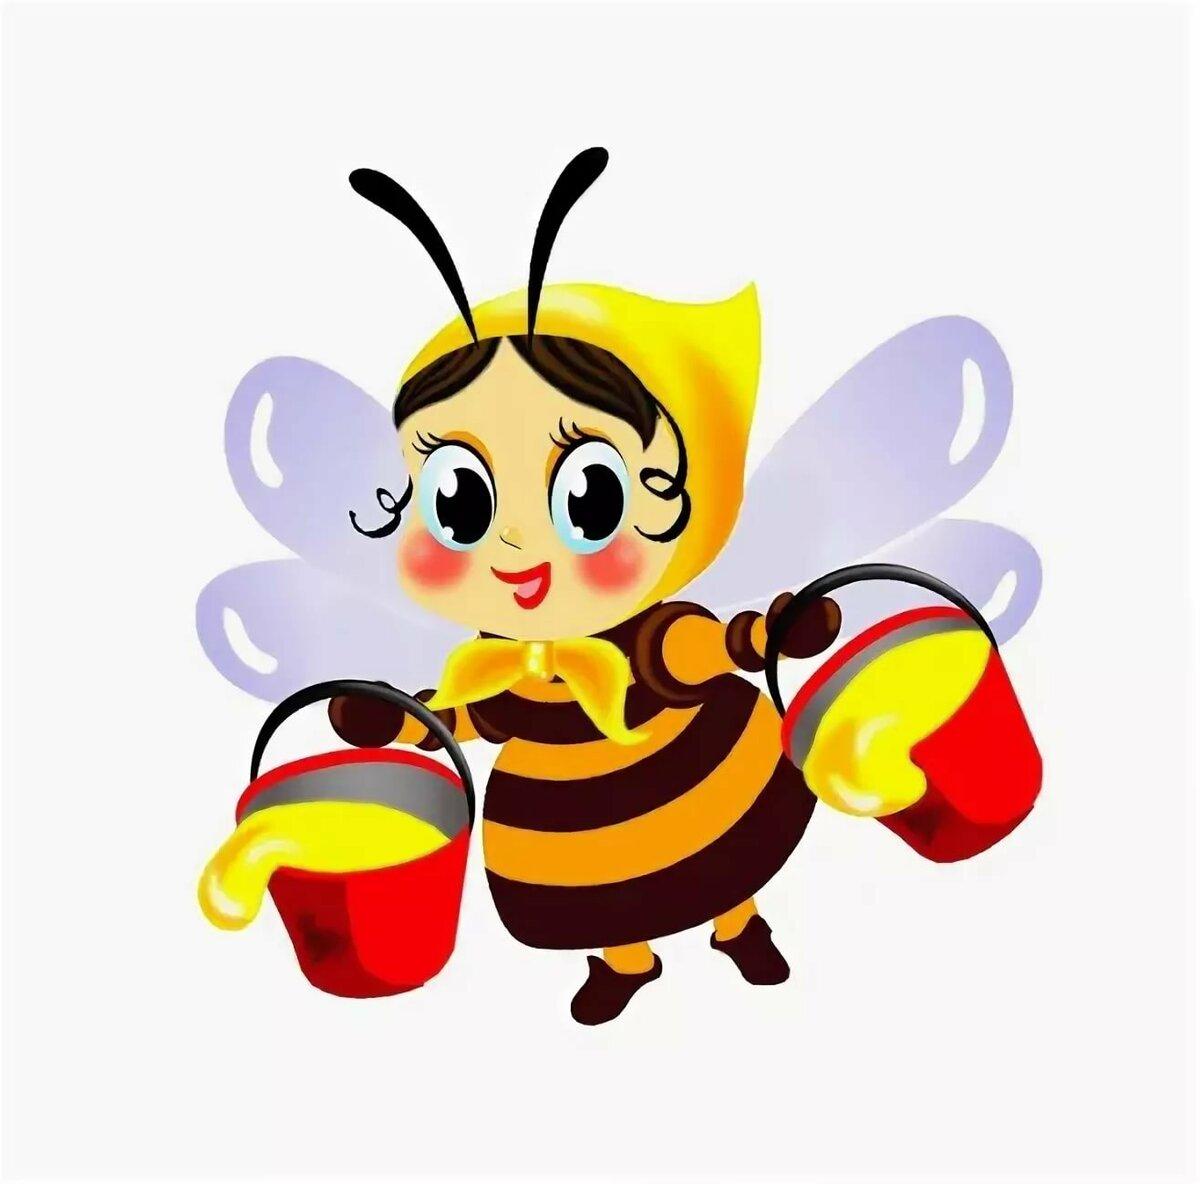 Картинка пчелка с медом, днем доброты